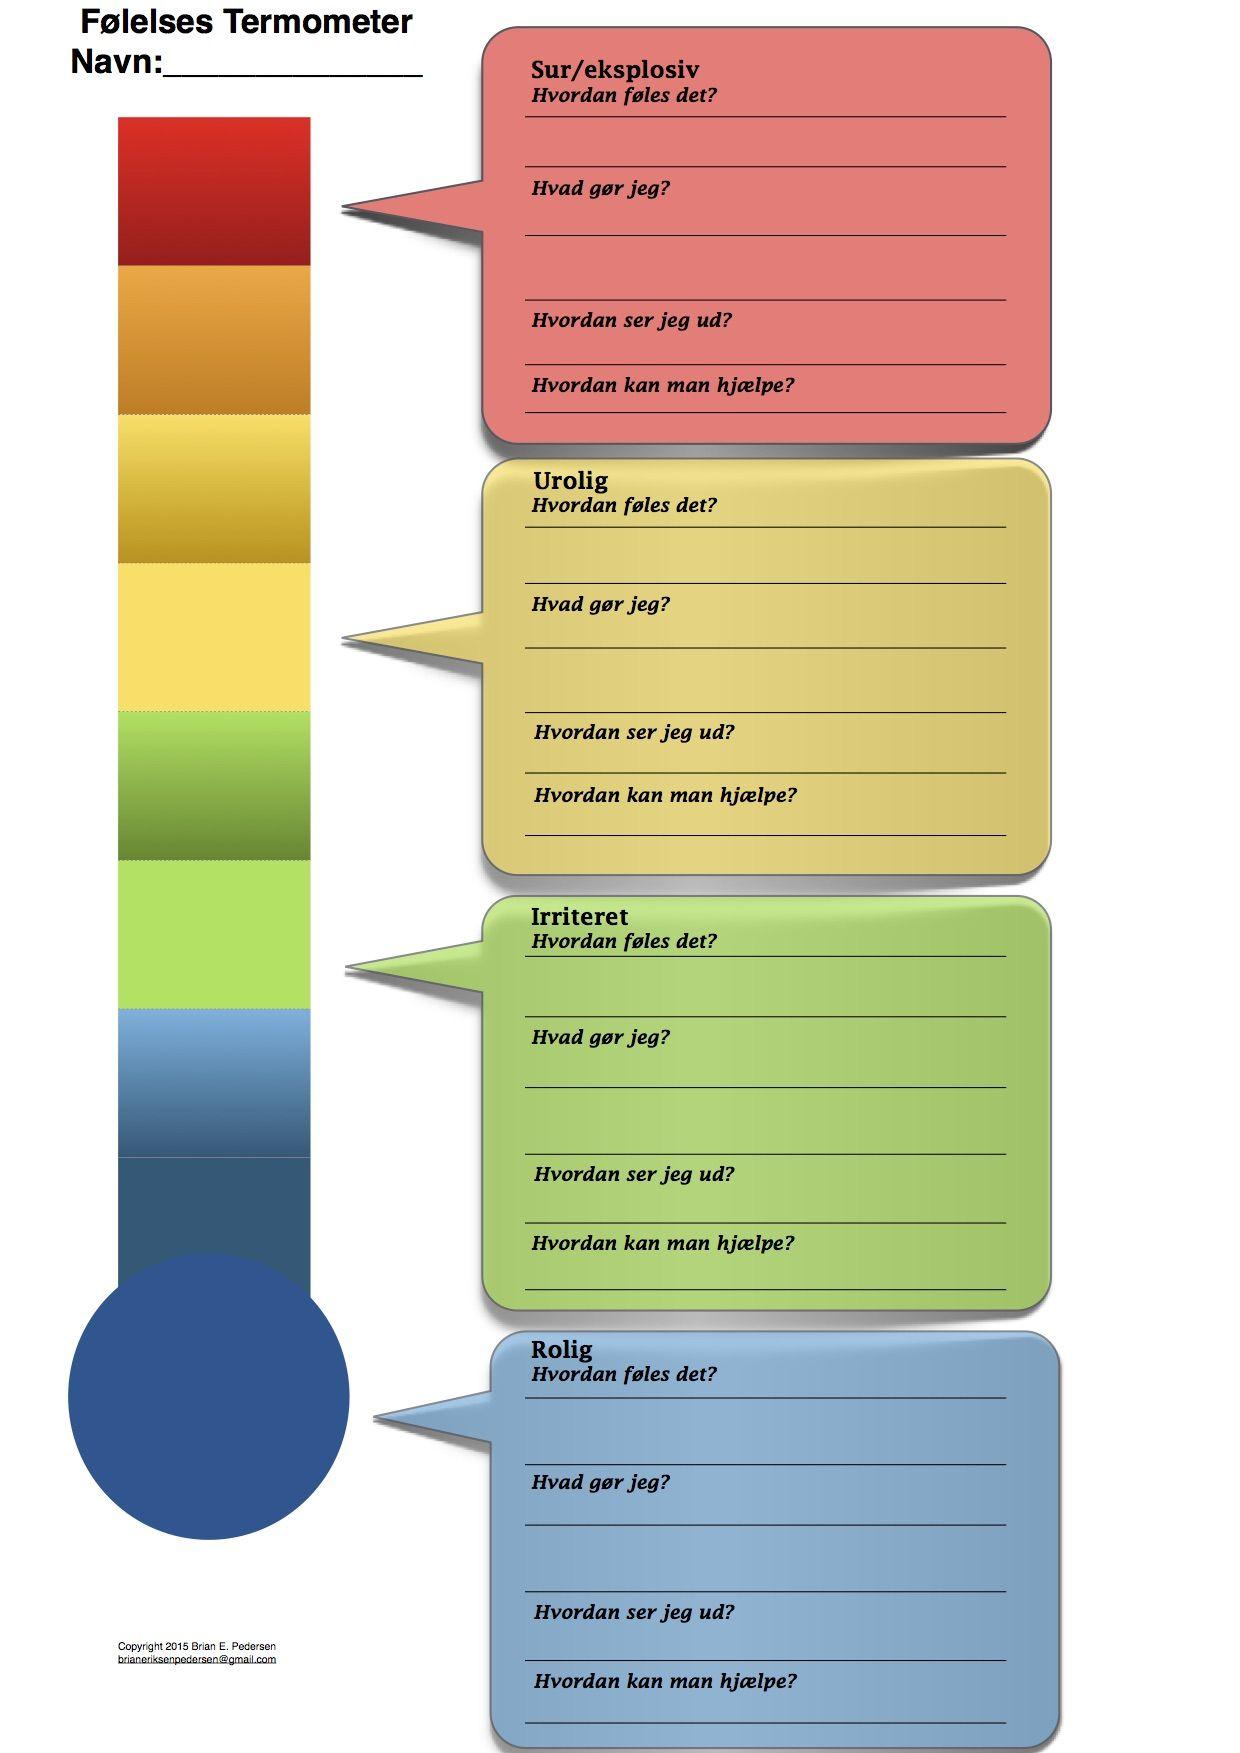 Følelses termometer. Hjælper barnet med at genkende følelser mm | Børn og følelser